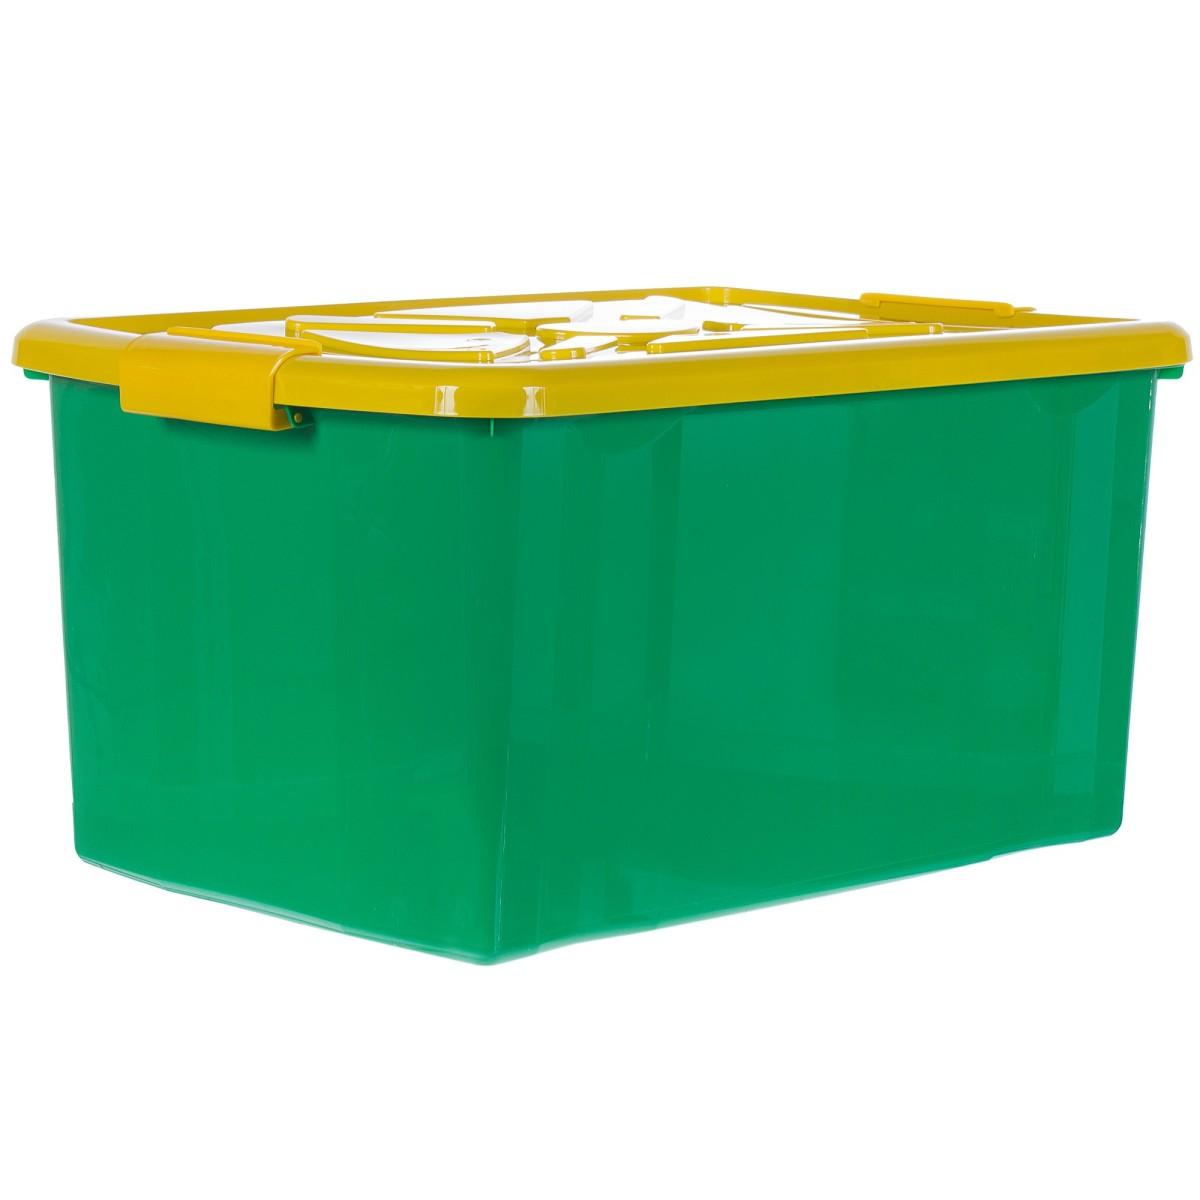 Ящик для хранения с крышкой 57x38x20 см цвет мультиколор